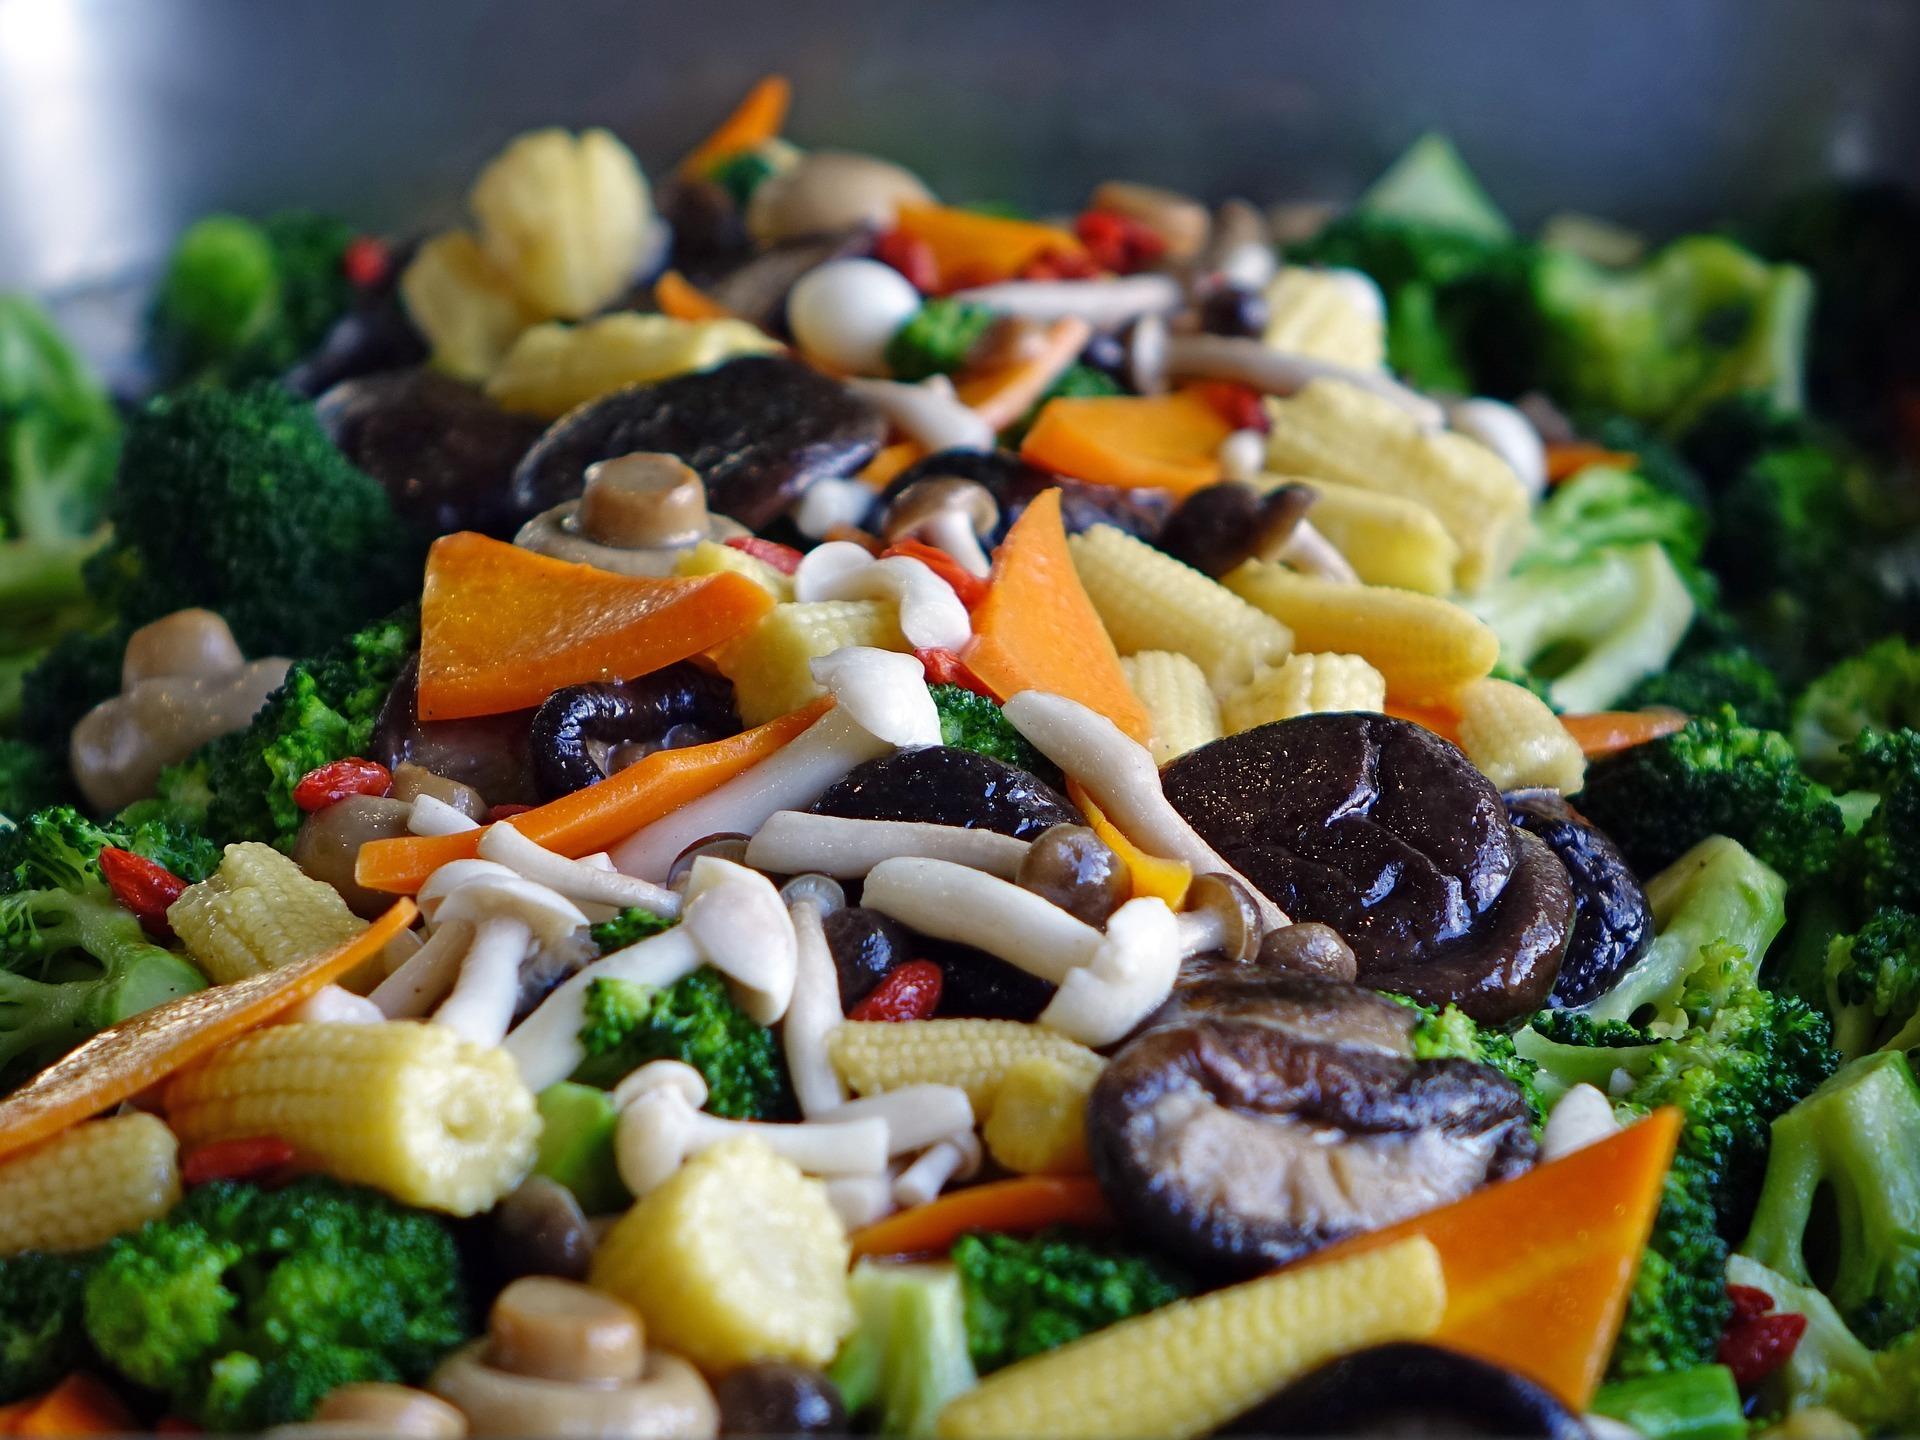 เมนูอาหารตามสั่ง สั่งอาหารออนไลน์ อาหารจานด่วน เมนูอาหารจานเดียวประเภทข้าว